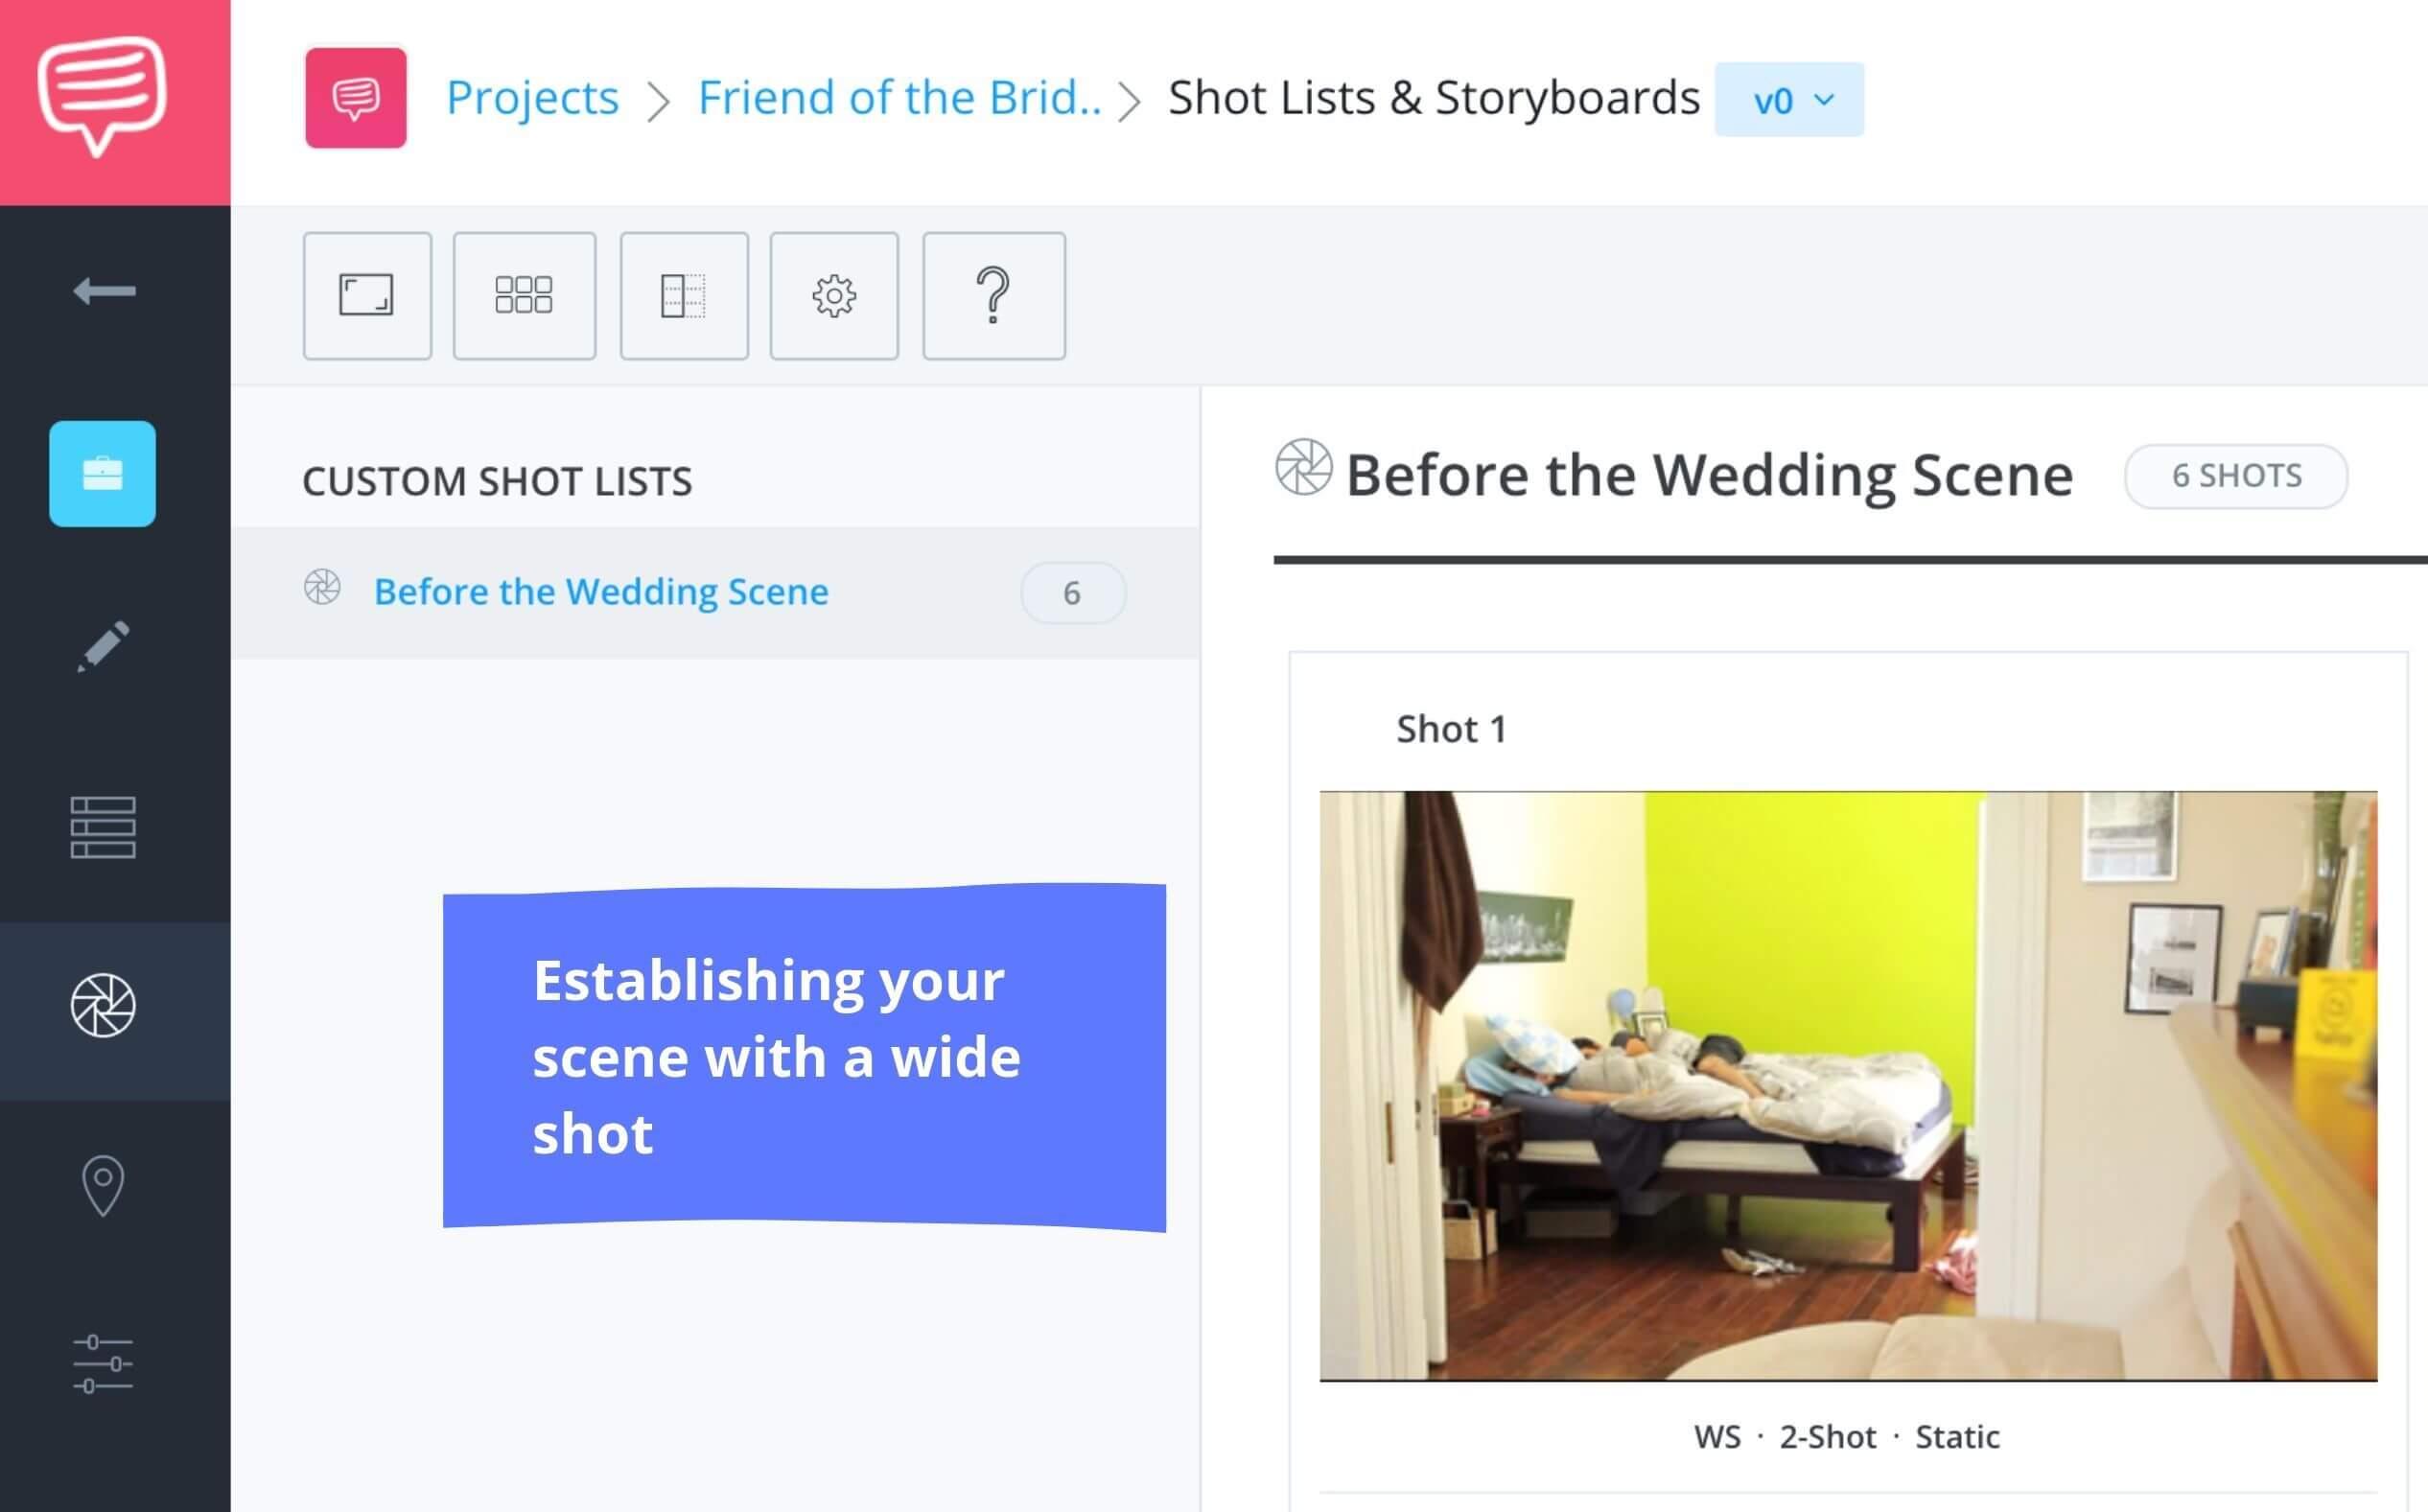 What's in Your Shot List - Establishing Wide Shot - StudioBinder Online Shot List Software